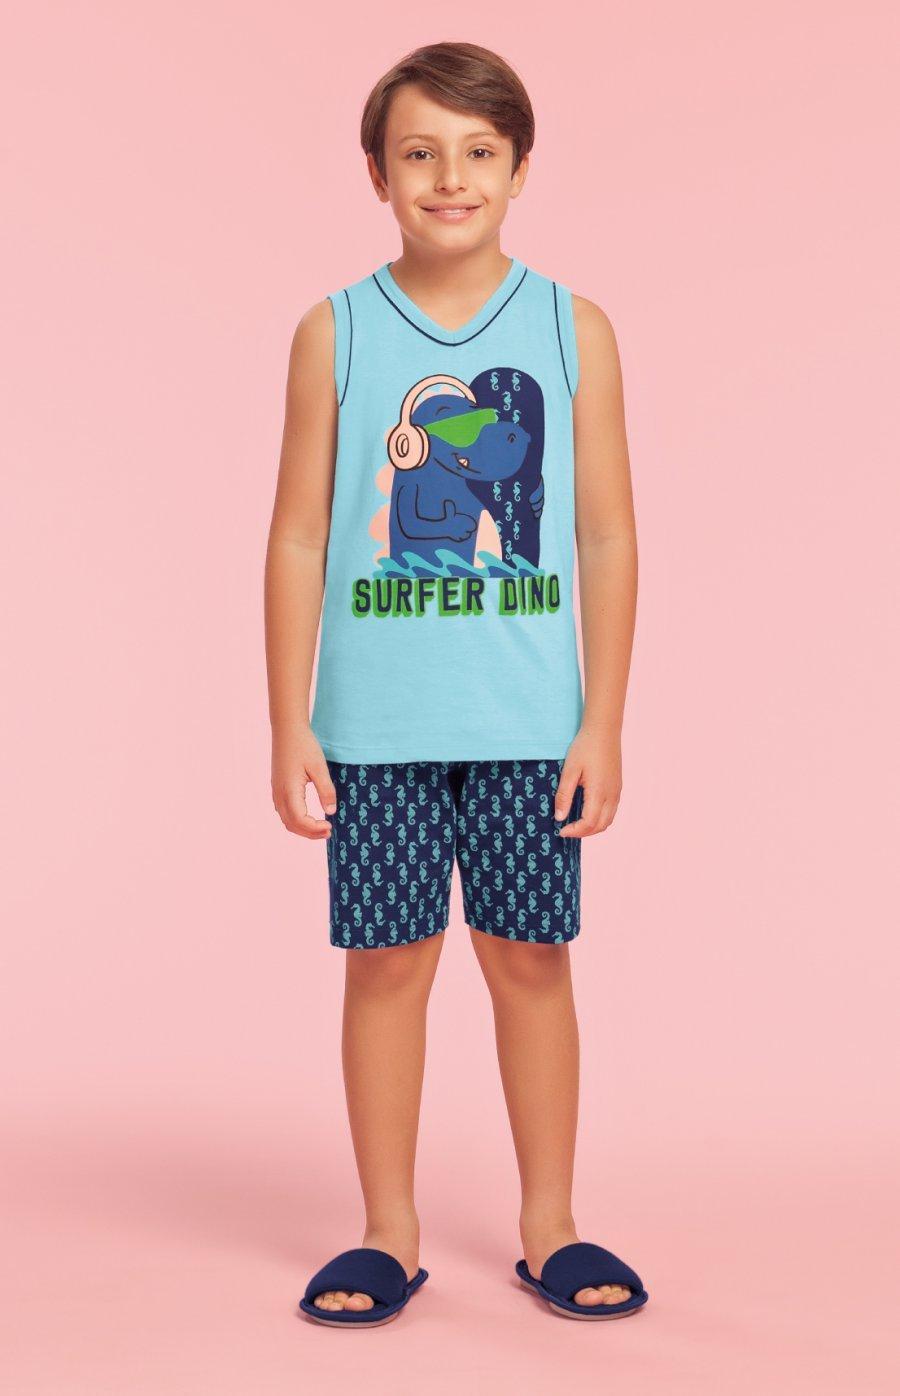 2352d0170 Pijama Infantil Masculino 100% Algodão Surfer Dino Verão PROMO 2019 ...